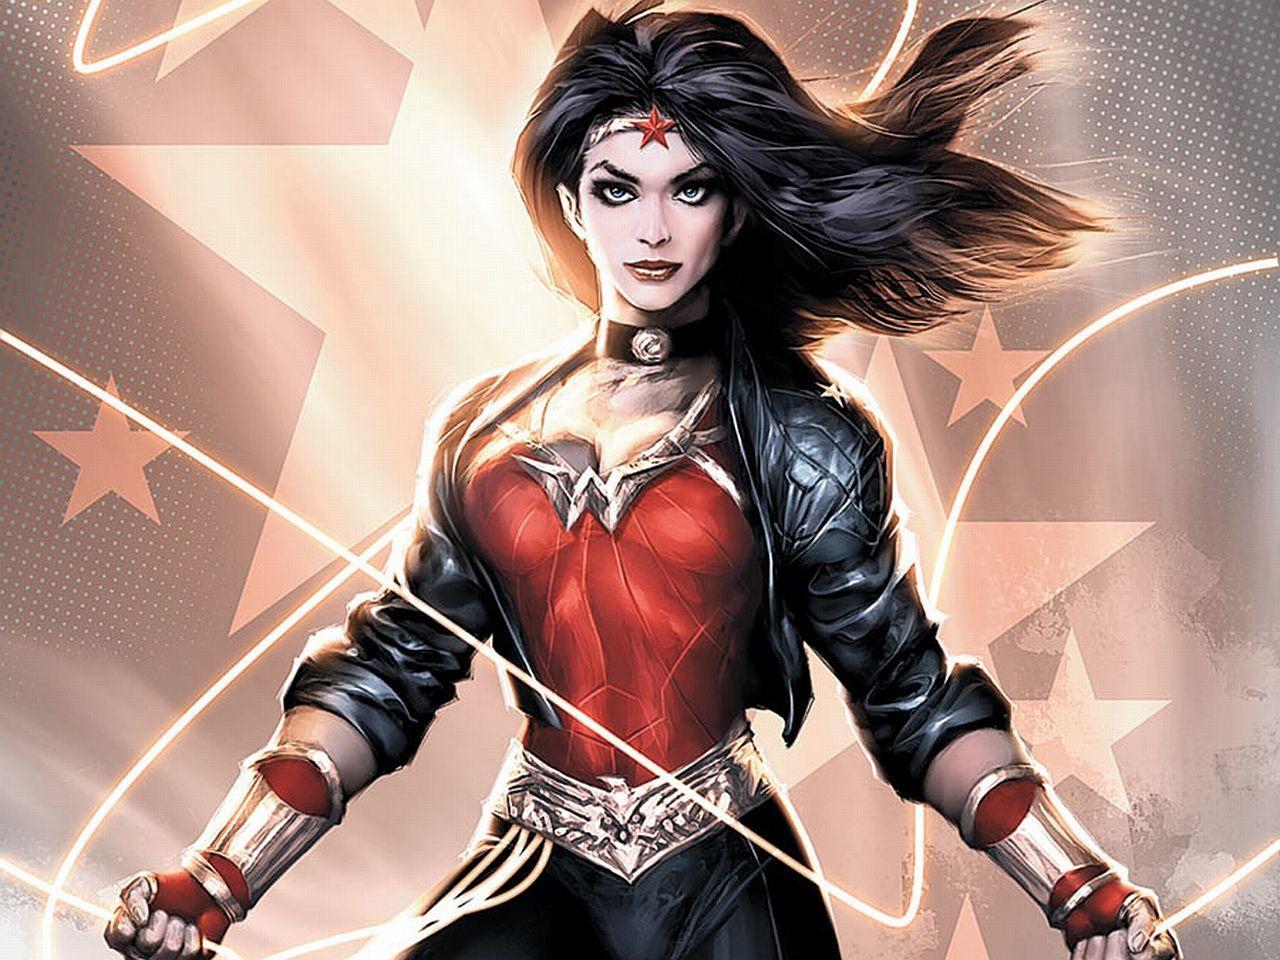 Wonder Woman Wallpaper Desktop #h958407 | Cartoons HD Wallpaper ...